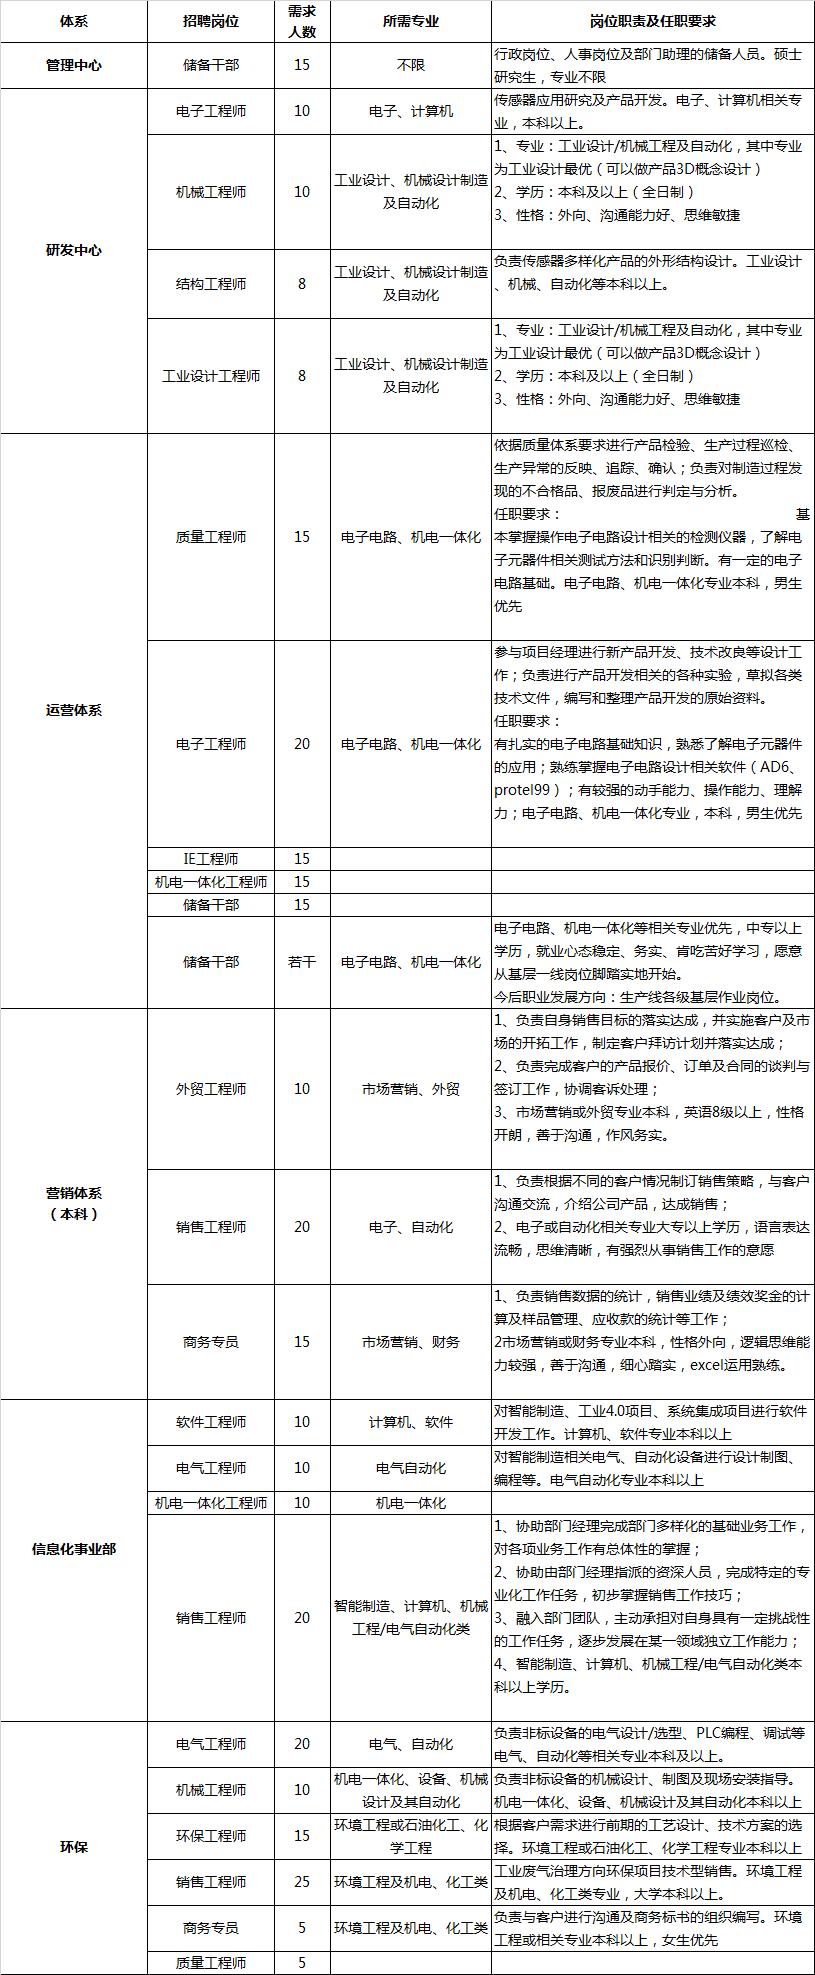 校园招聘职位需求信息.jpg